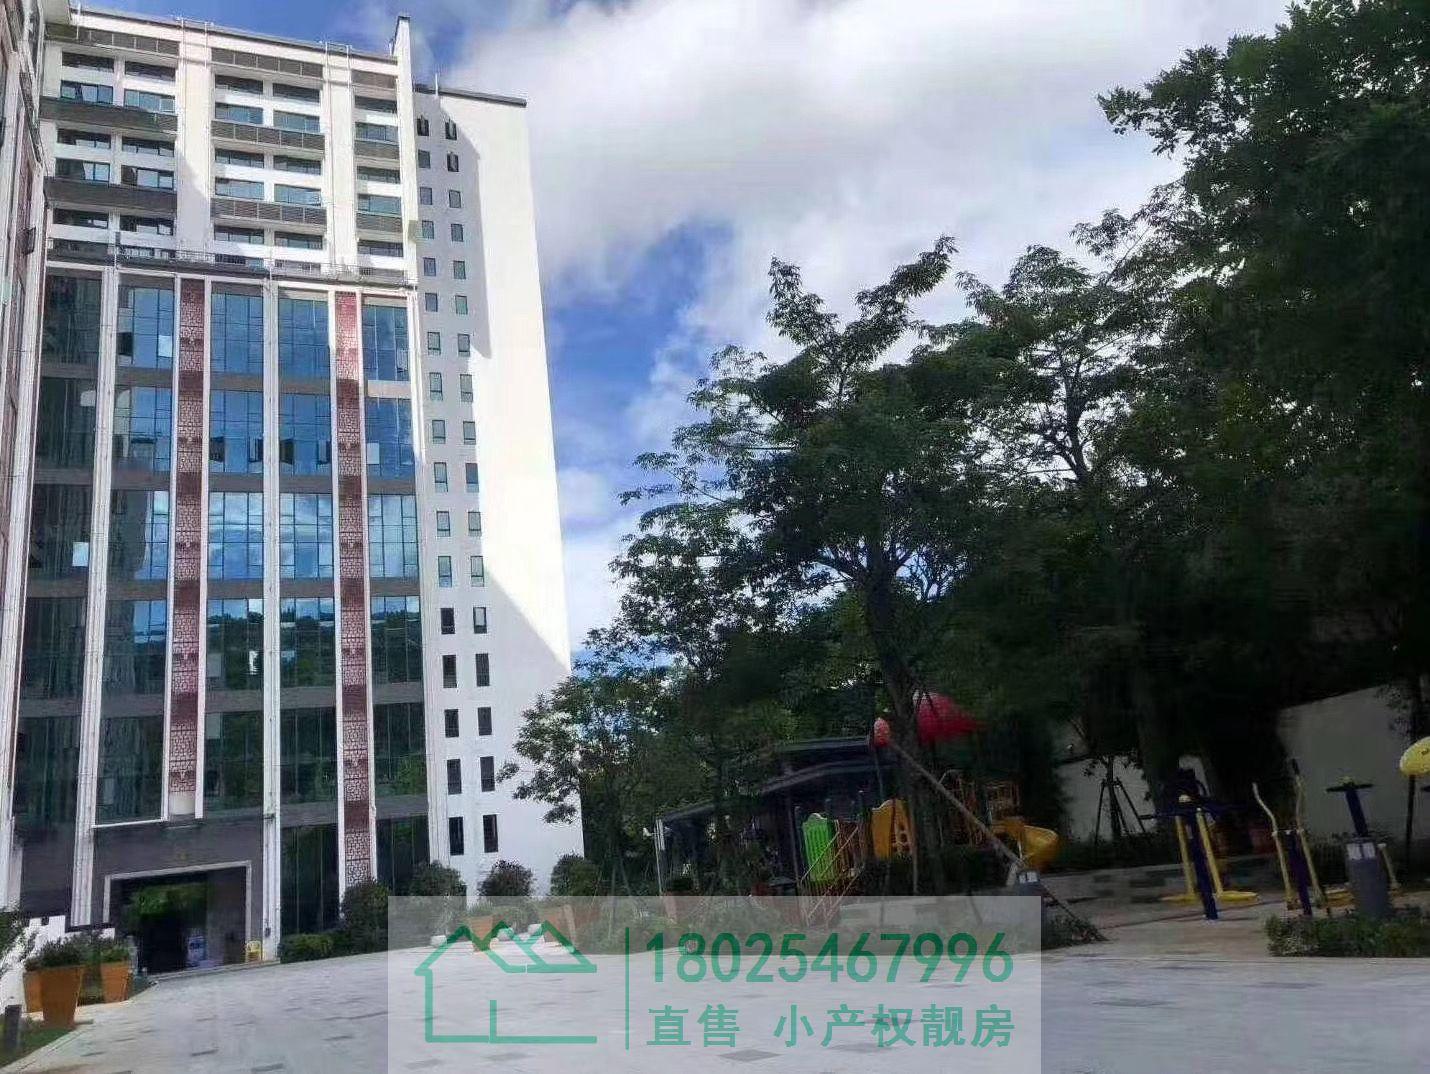 布吉文博宫花园小区房,三房总价125万/套起,月租金3800元起